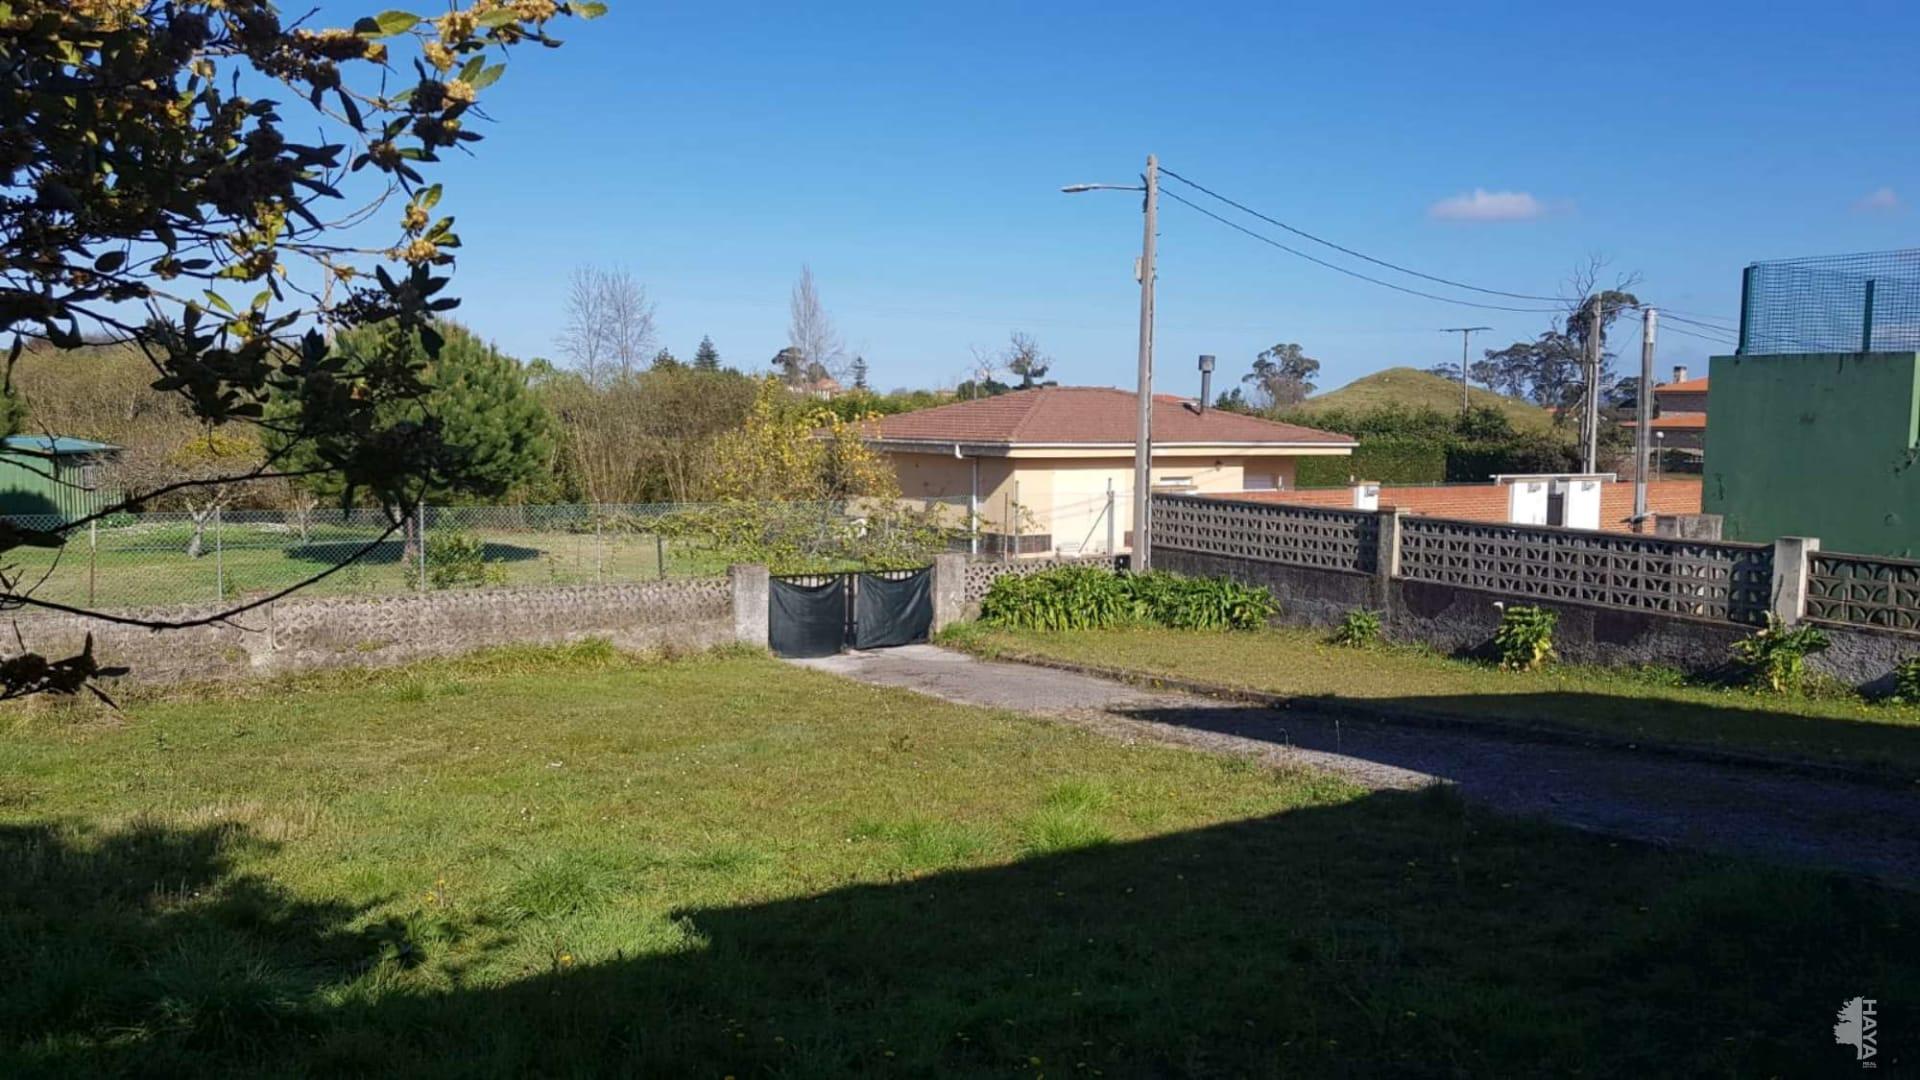 Casa en venta en Colunga, Colunga, Asturias, Carretera Cn-632 Ribadesella-canero, 350.000 €, 3 habitaciones, 1 baño, 108 m2